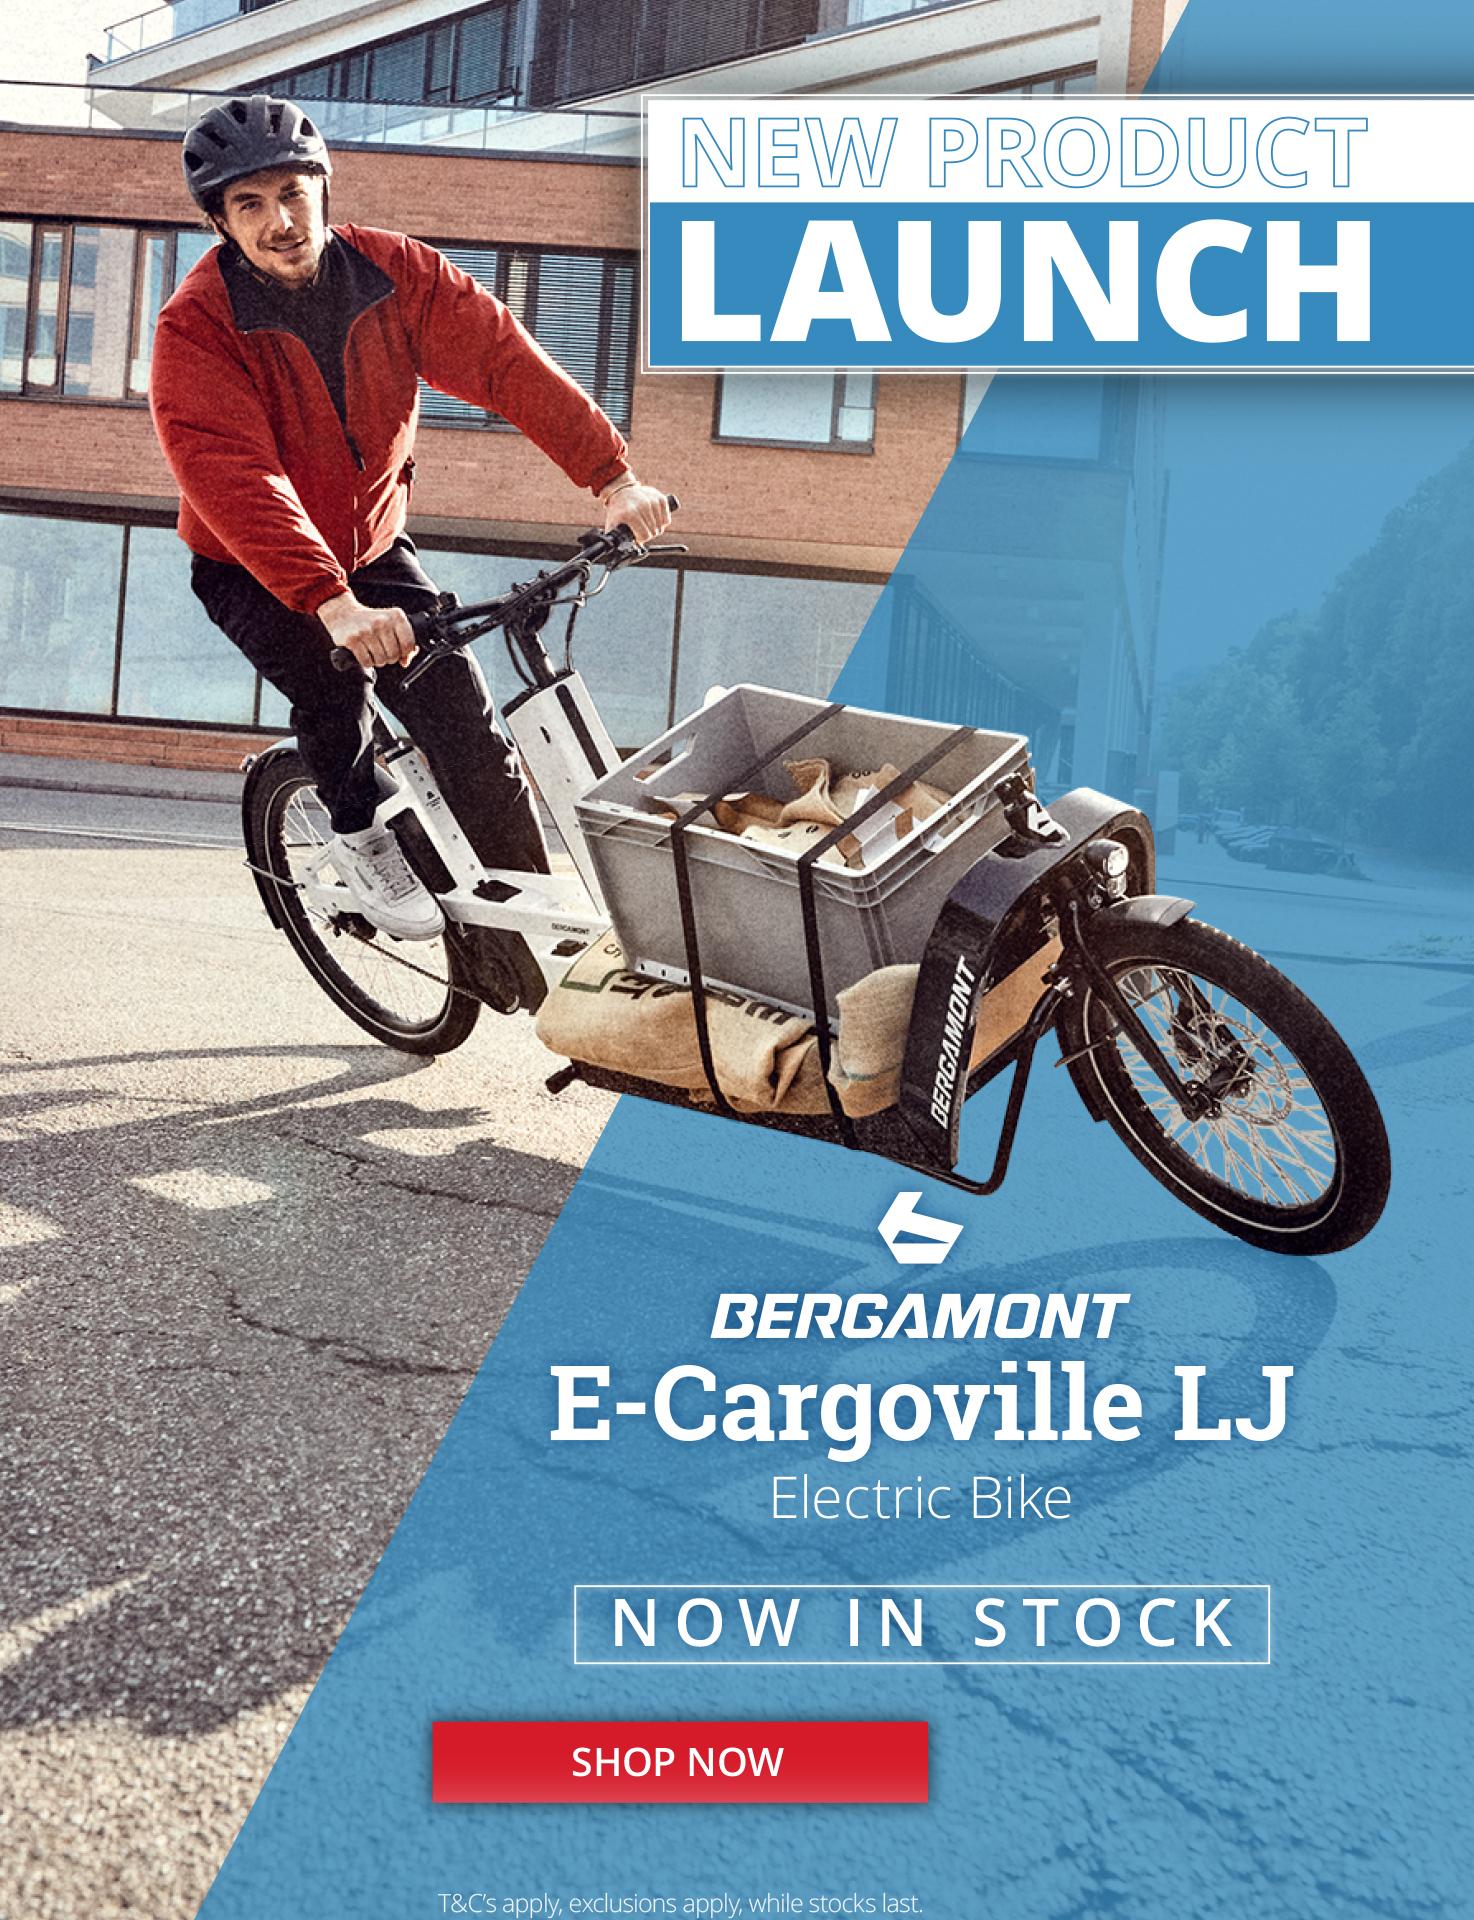 Bergamont E-Cargoville ebike launch